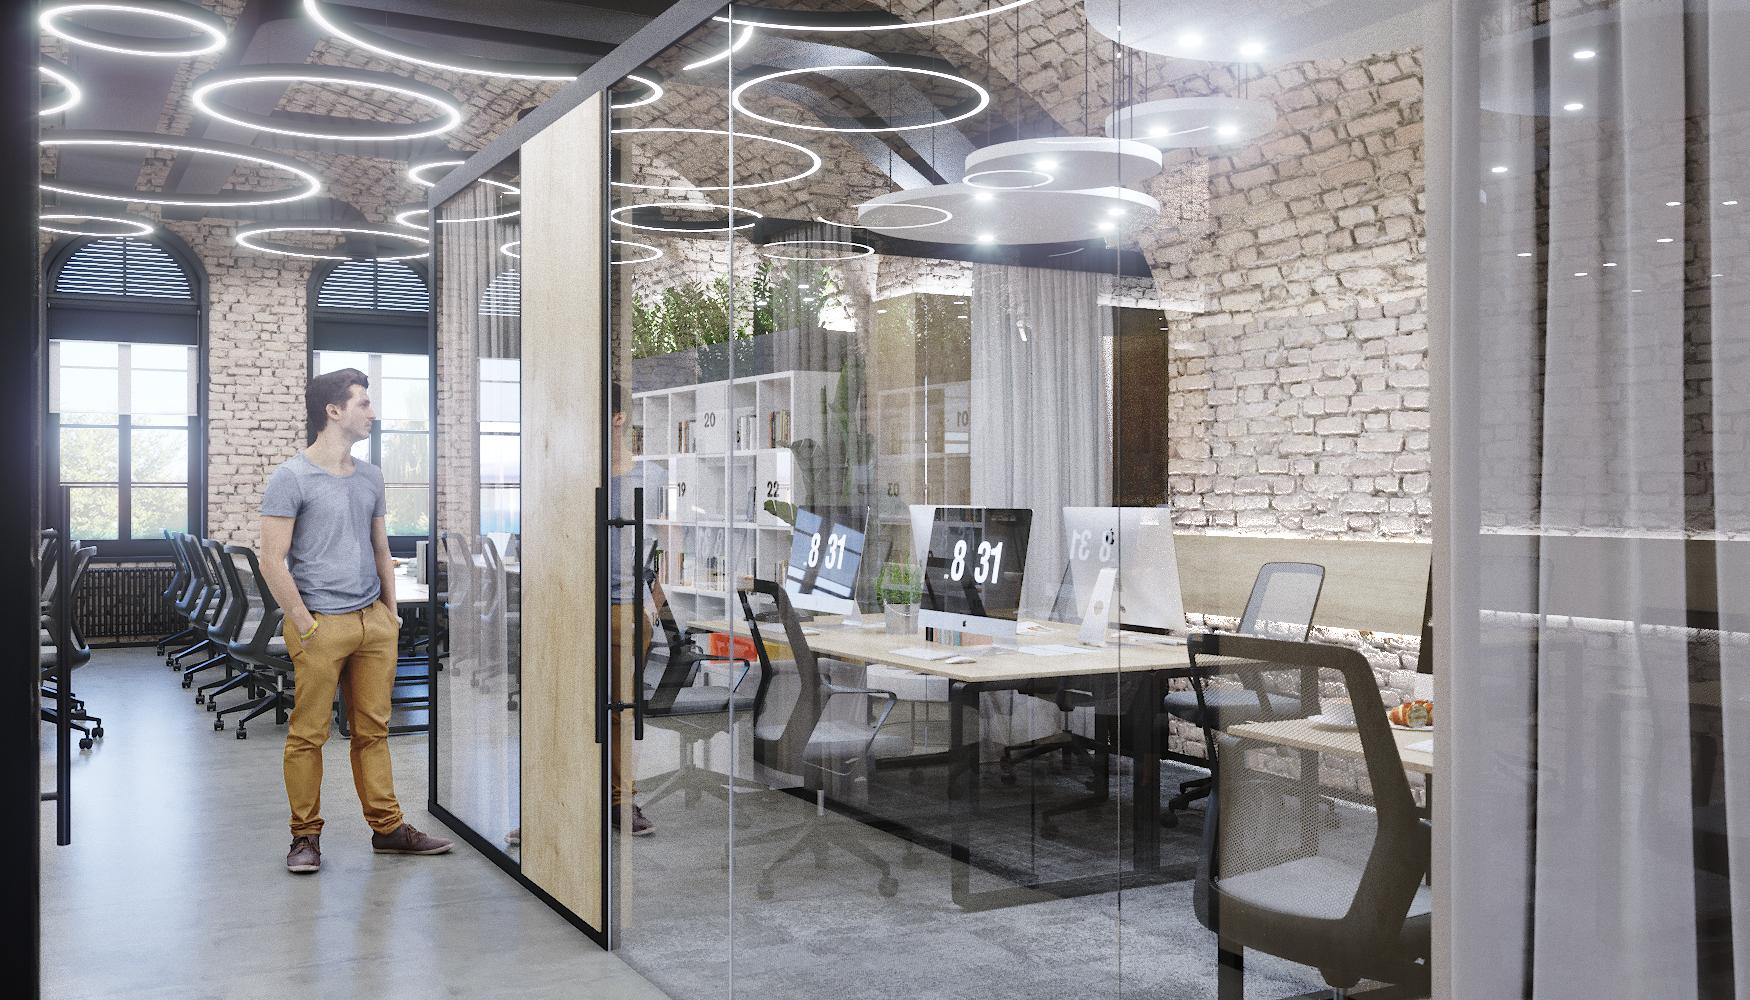 0702_Osvitoriya3 На початку осені у Києві запрацює перший у Європі відкритий простір для освітян